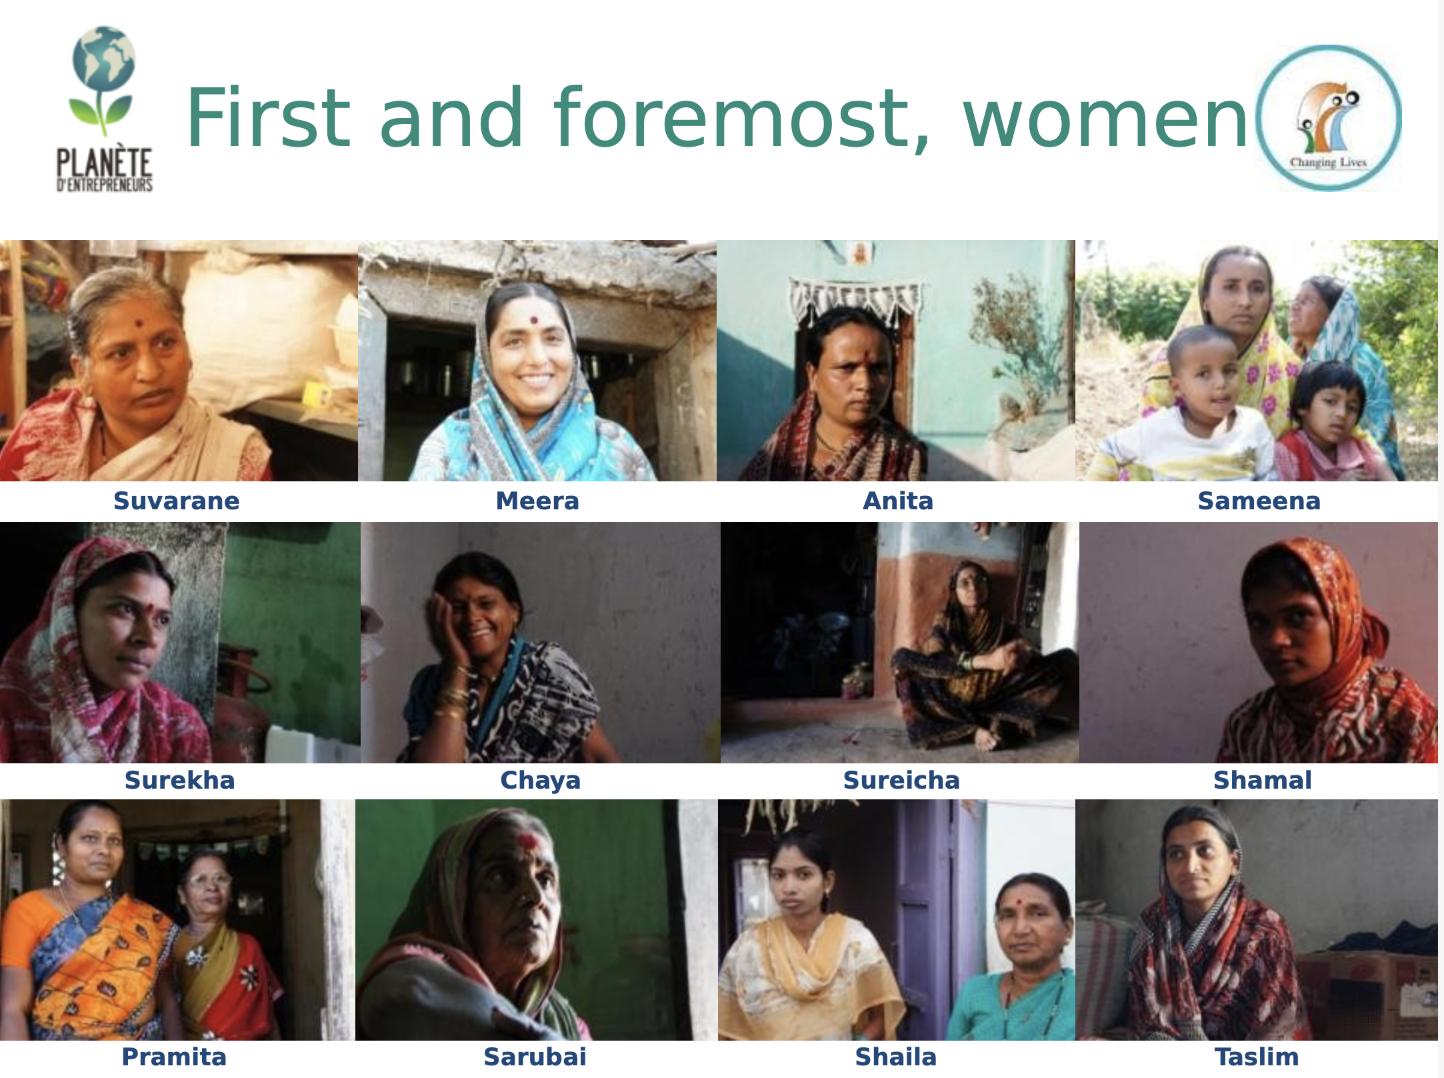 Femmes indiennes rencontrées lors de la mission Planètes entrepreneurs